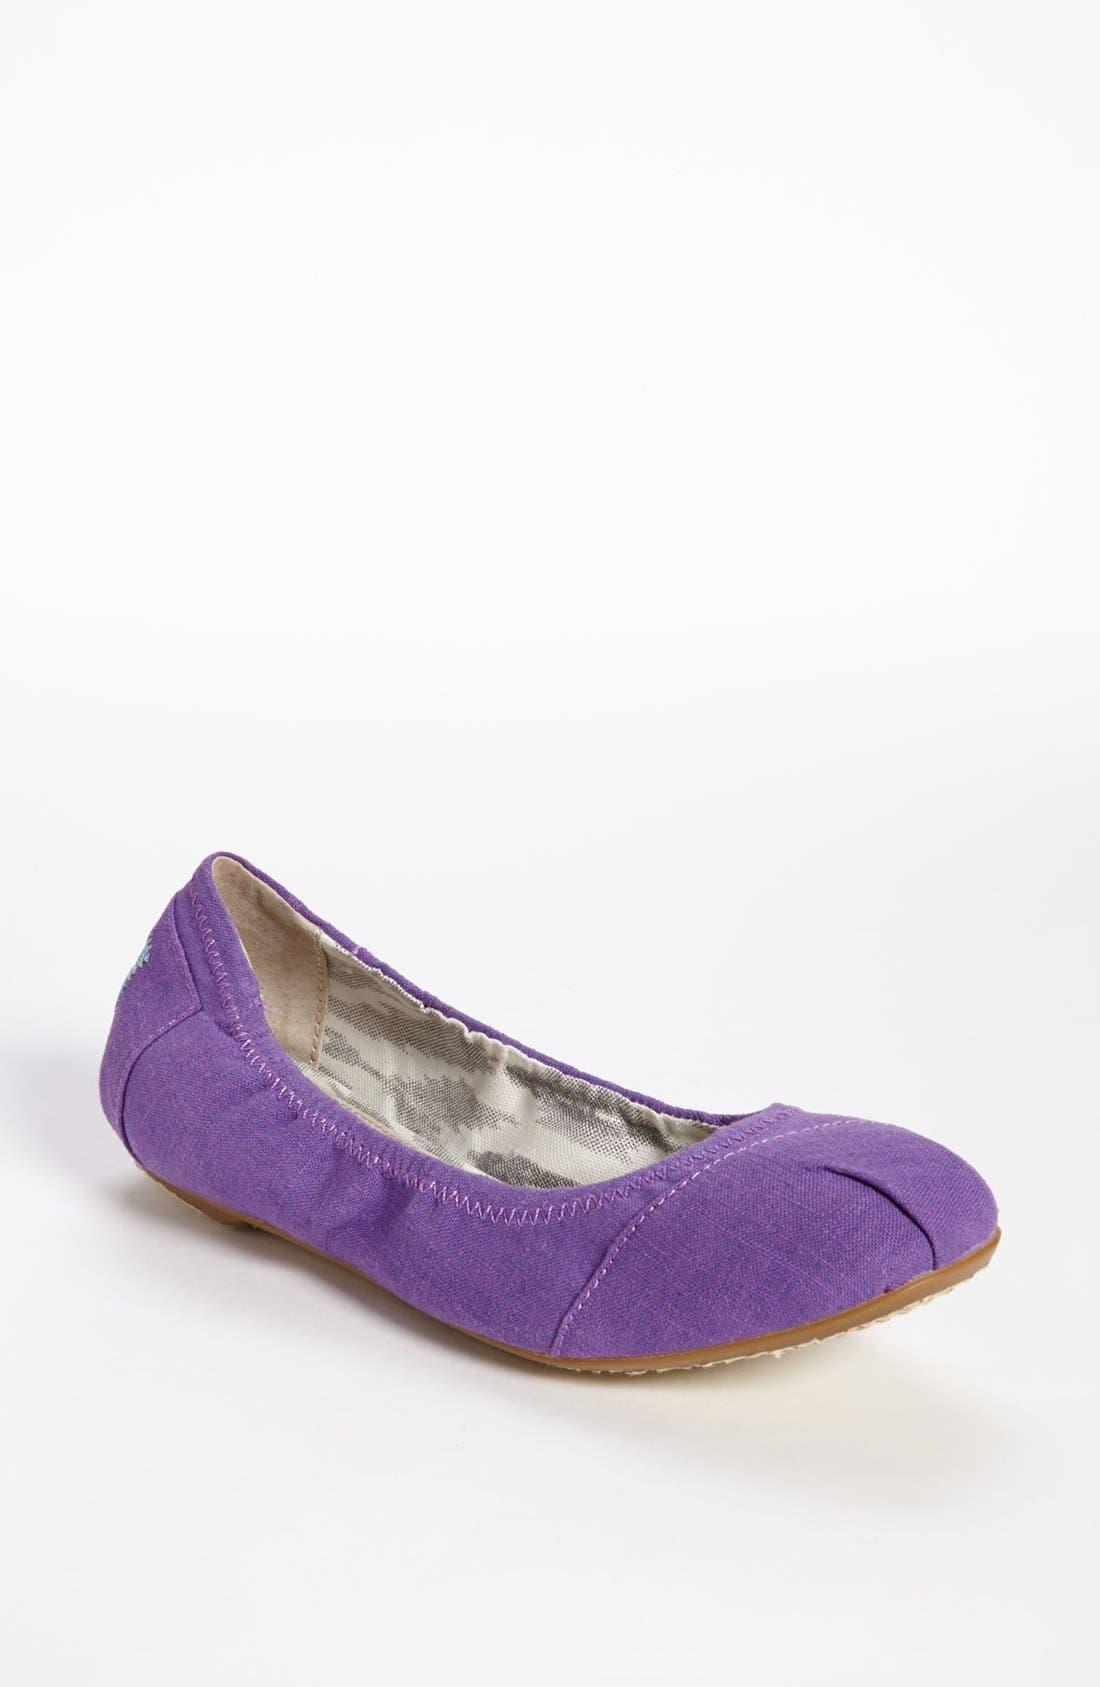 Main Image - TOMS Ballet Flat (Women)